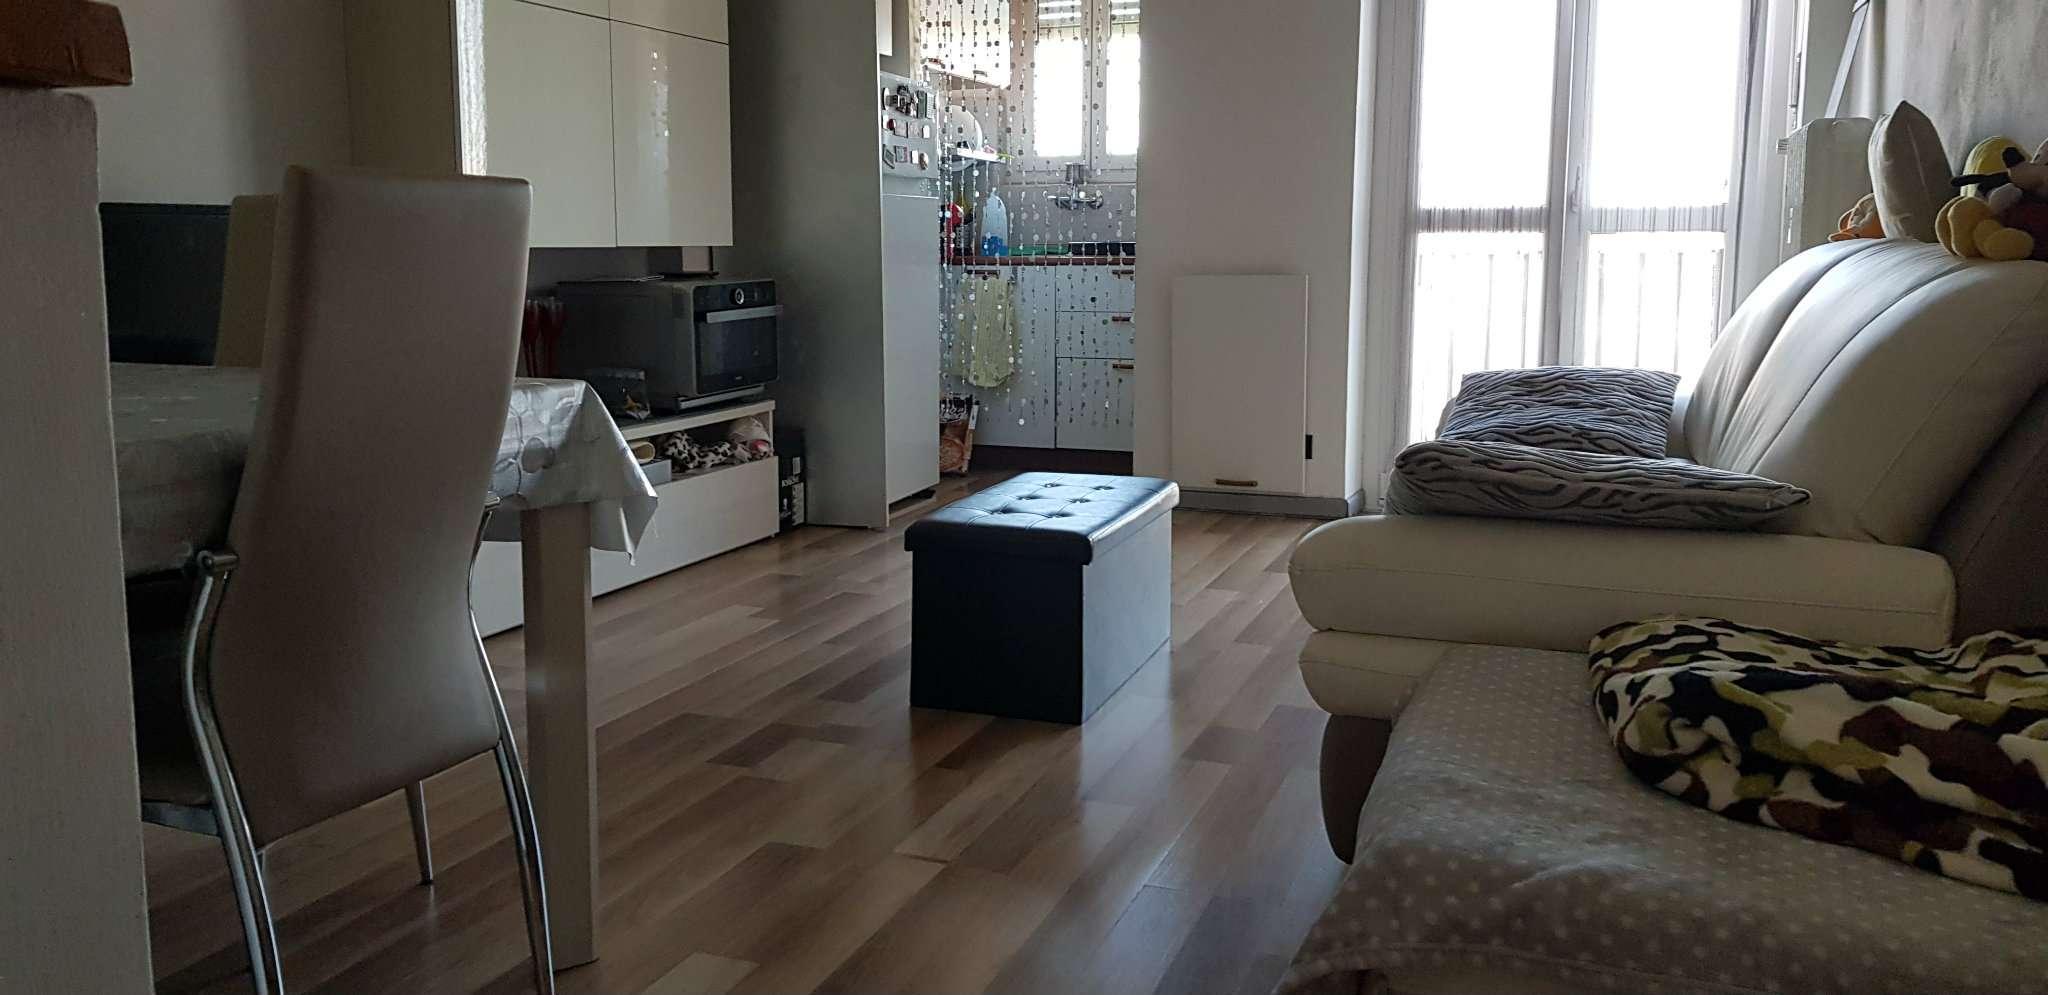 Vendita - Appartamento - Torino - BILOCALE CORSO SVIZZERA 149 PIANO ALTO  ? 70.000